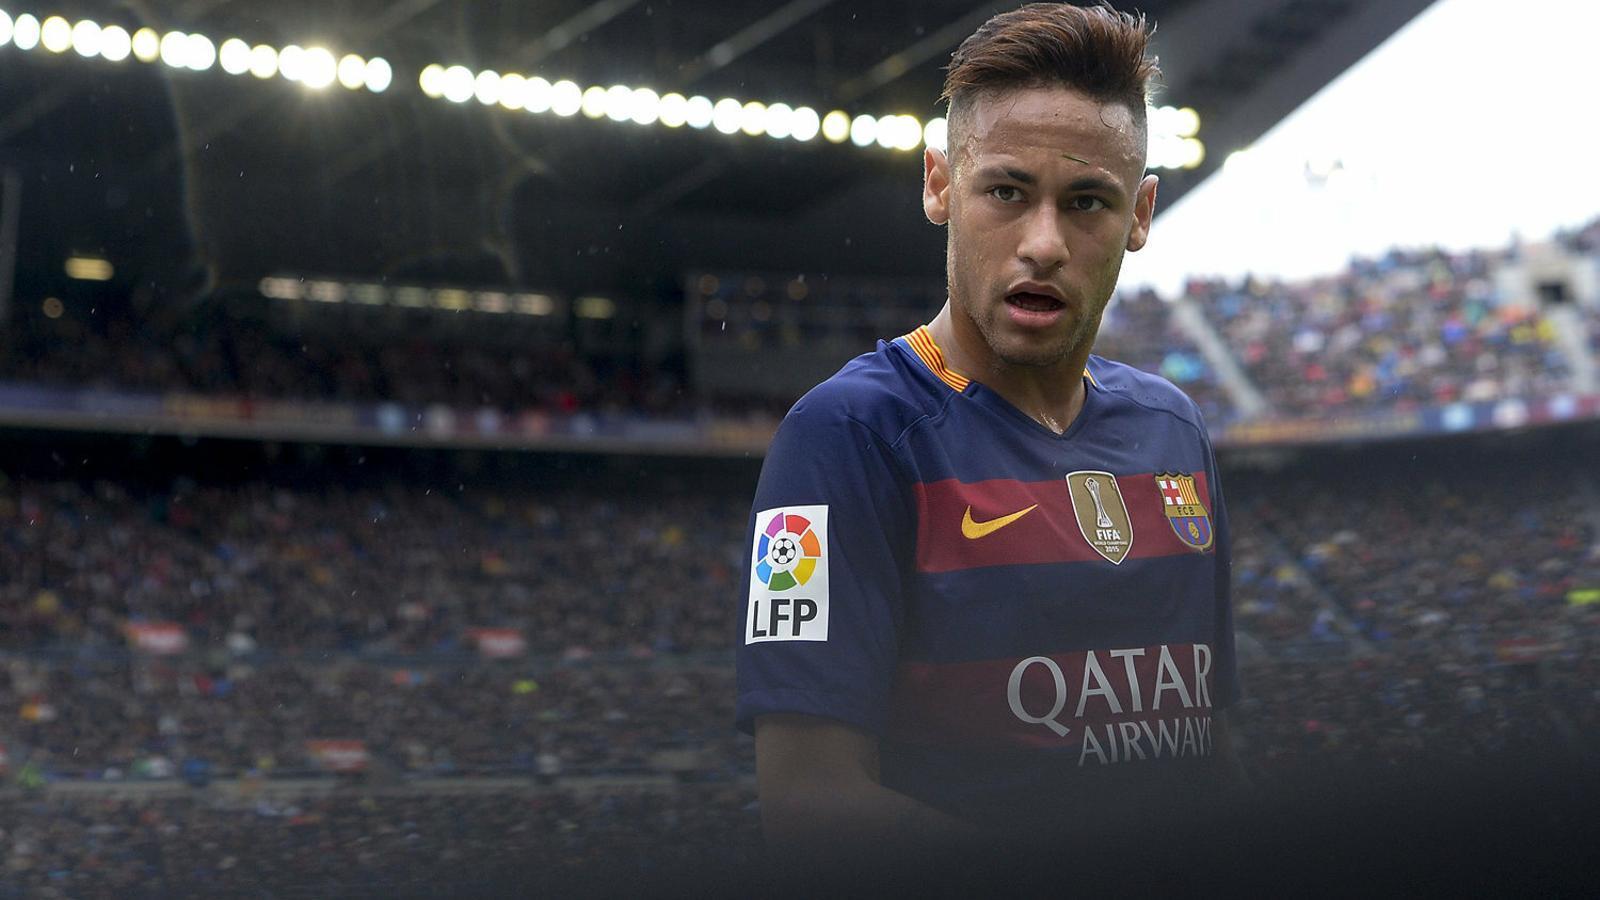 El Barça i Neymar no se saben posar d'acord